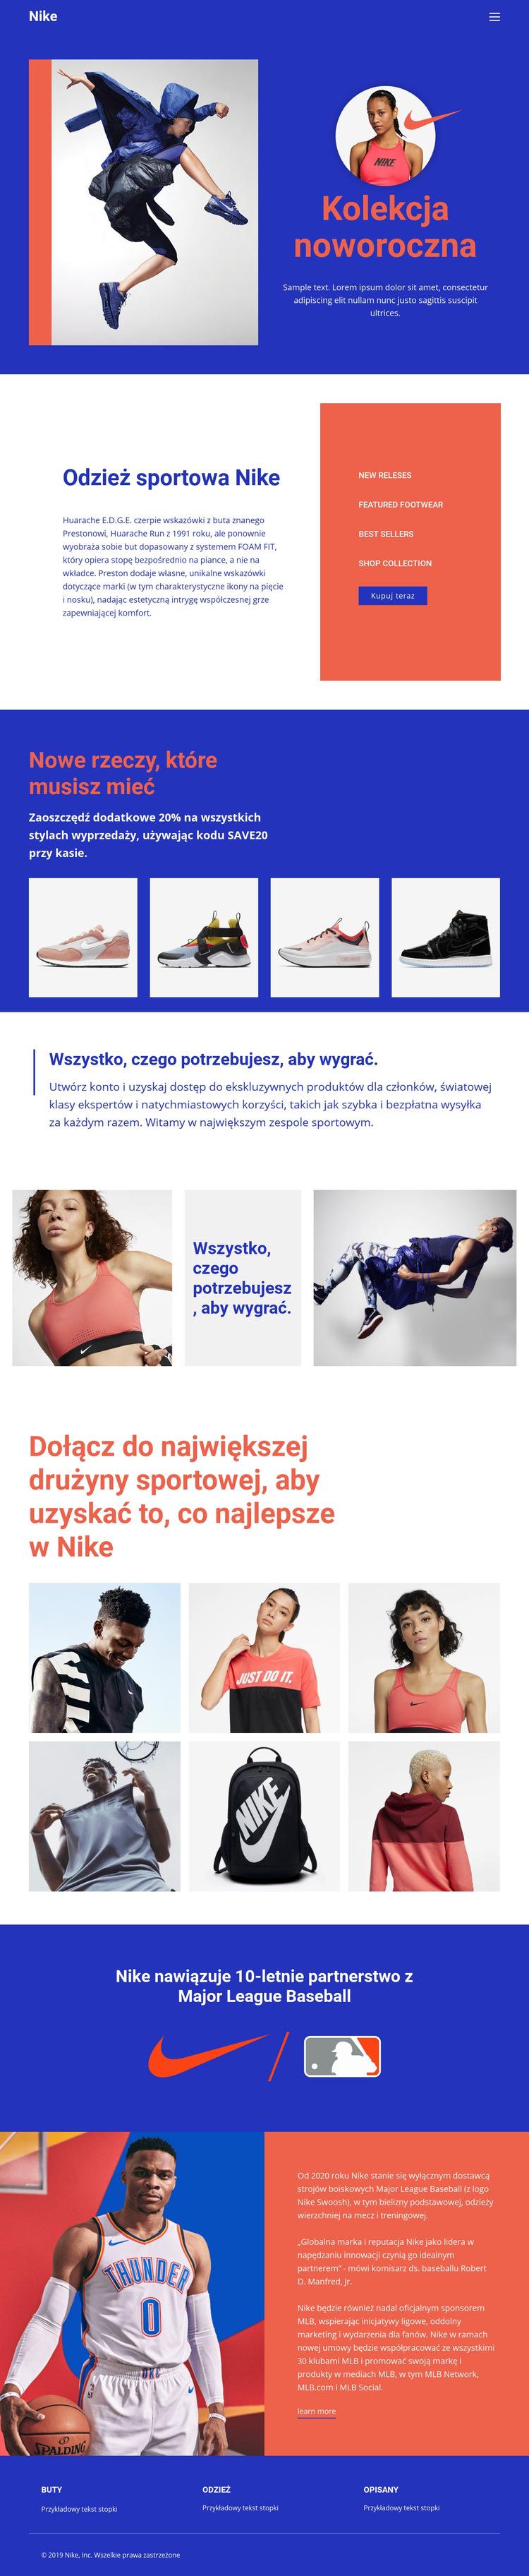 Odzież sportowa Nike Szablon witryny sieci Web